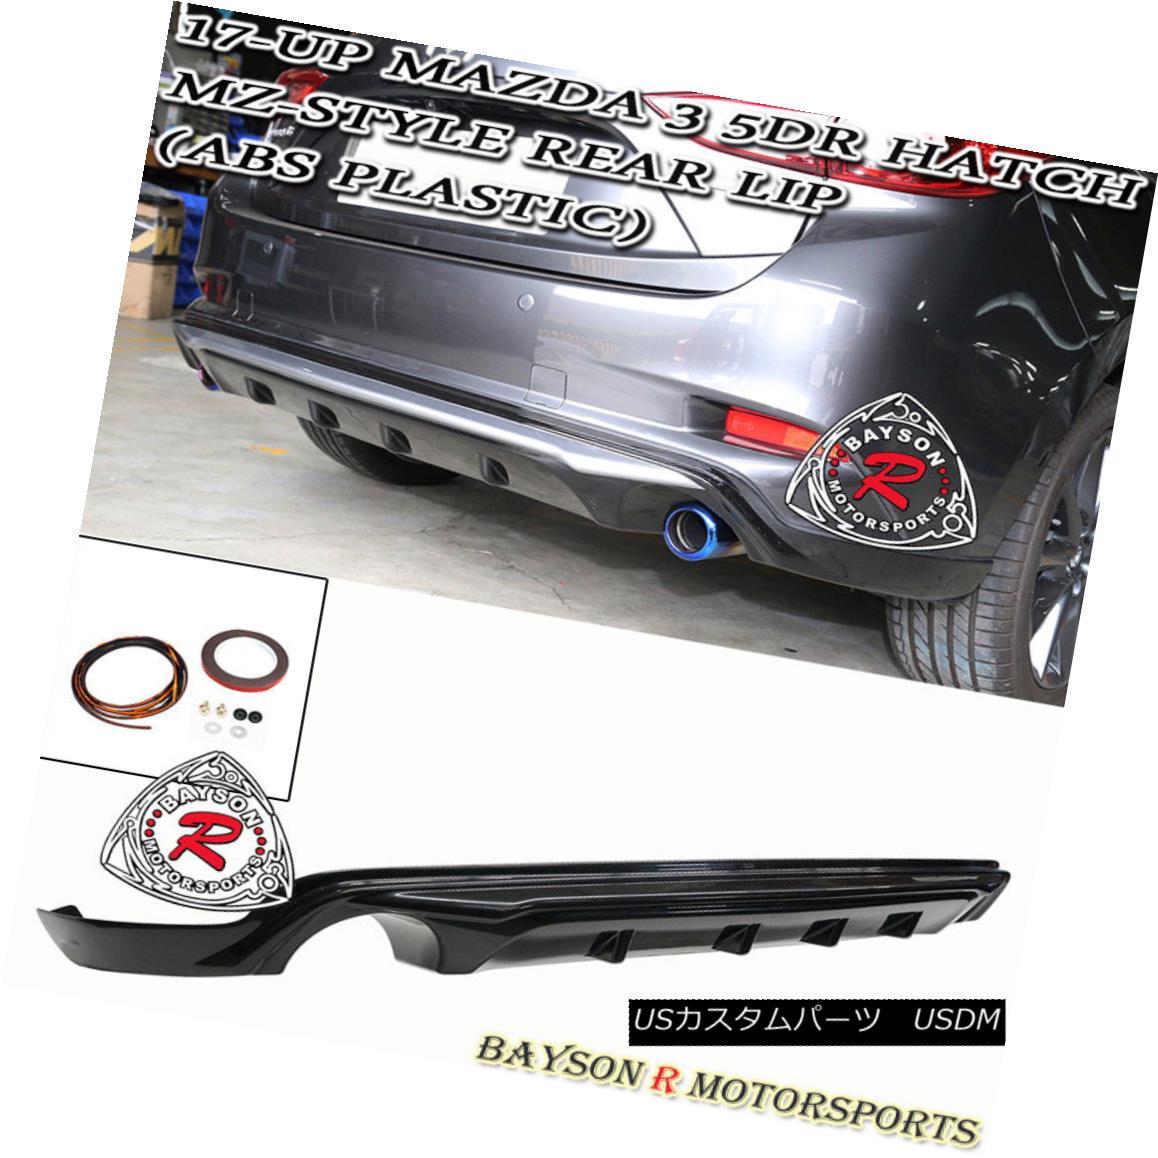 エアロパーツ MZ-Style Rear Bumper Lip (ABS Plastic) Fits 17-18 Mazda 3 5dr (Hatchback) MZスタイルリアバンパーリップ(ABSプラスチック)17-18マツダ3 5dr(ハッチバック)